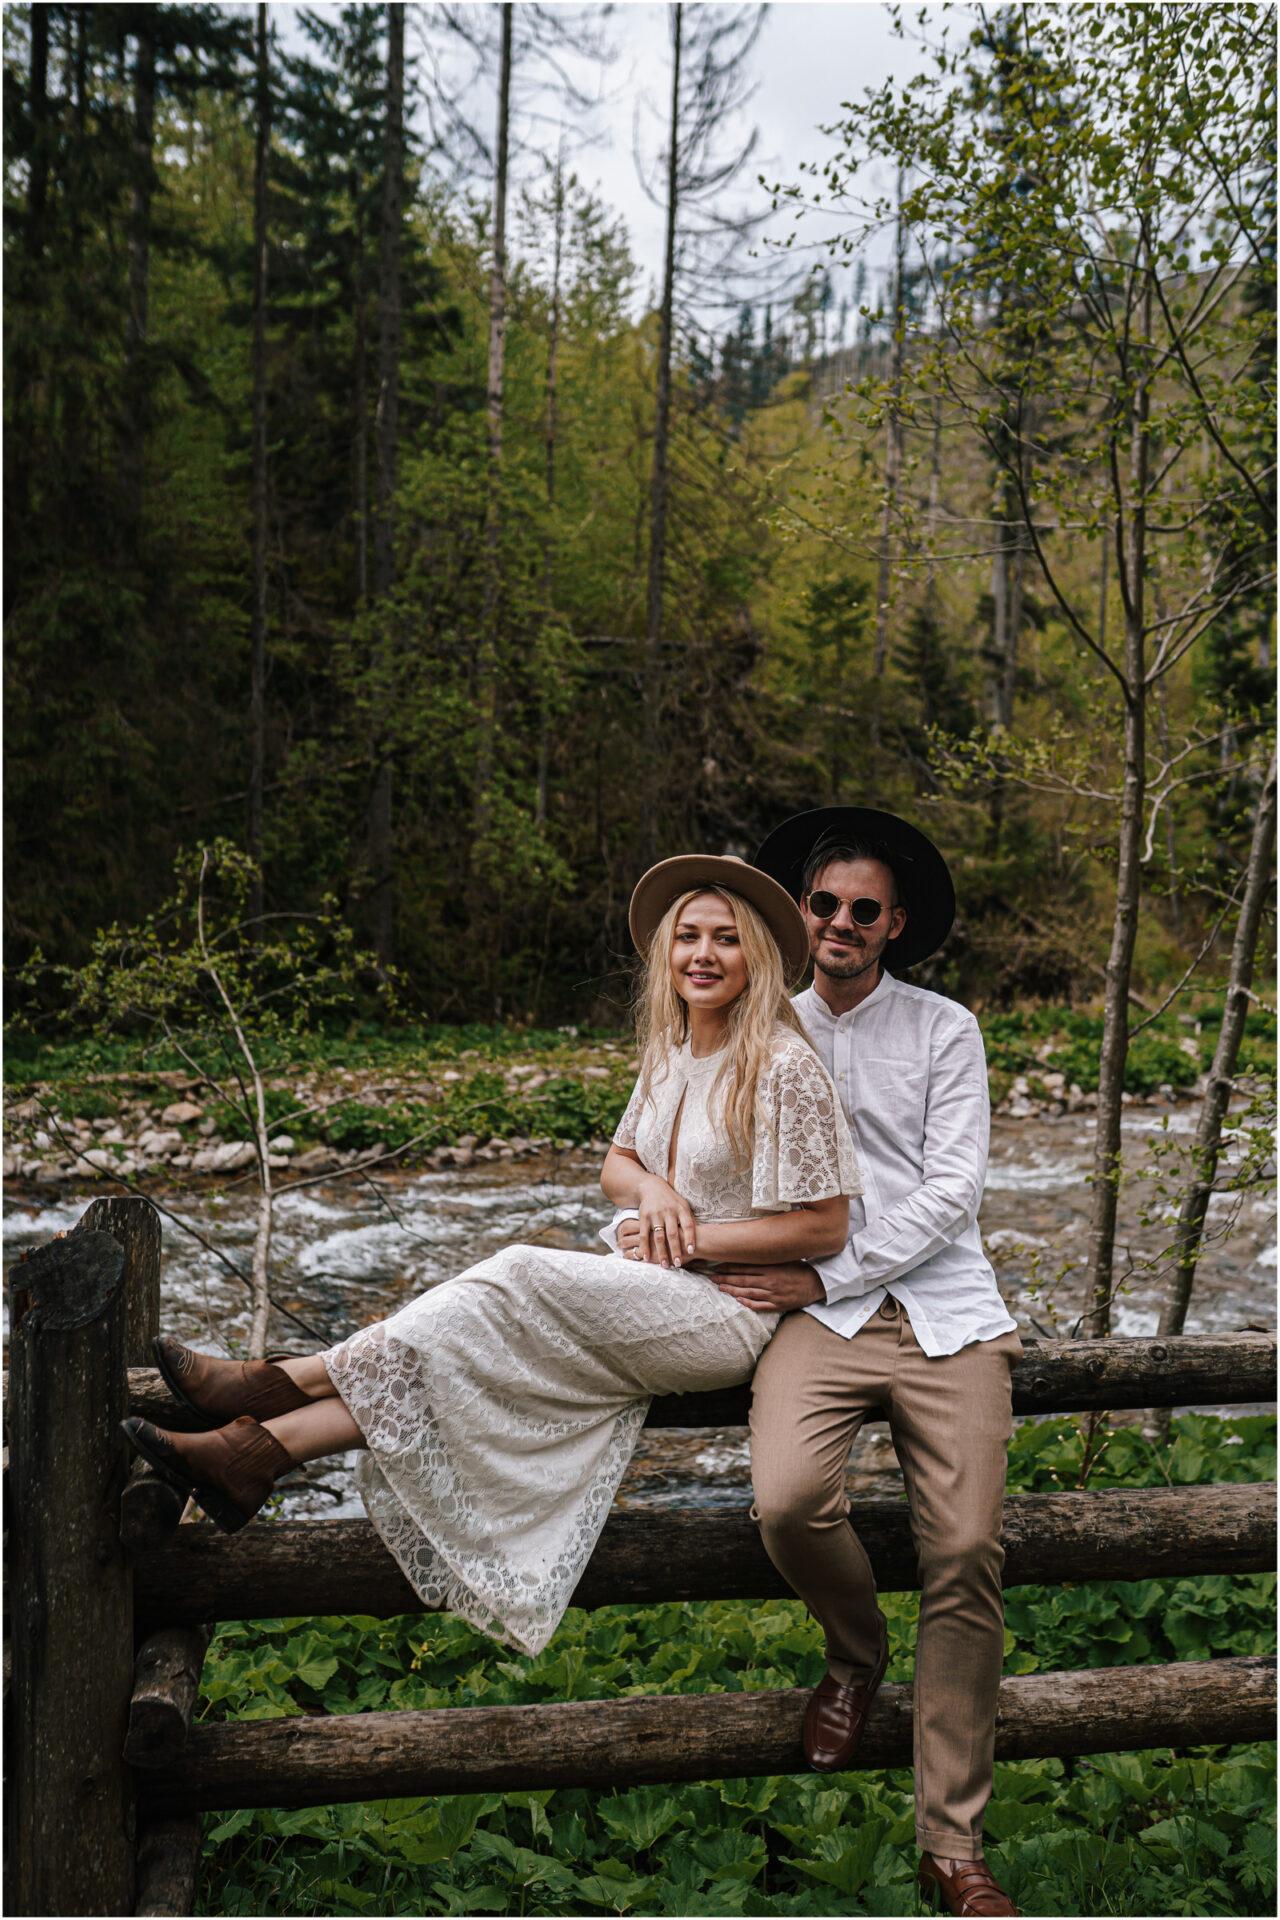 Amanda & Błażej | ślub i sesja w górach 62